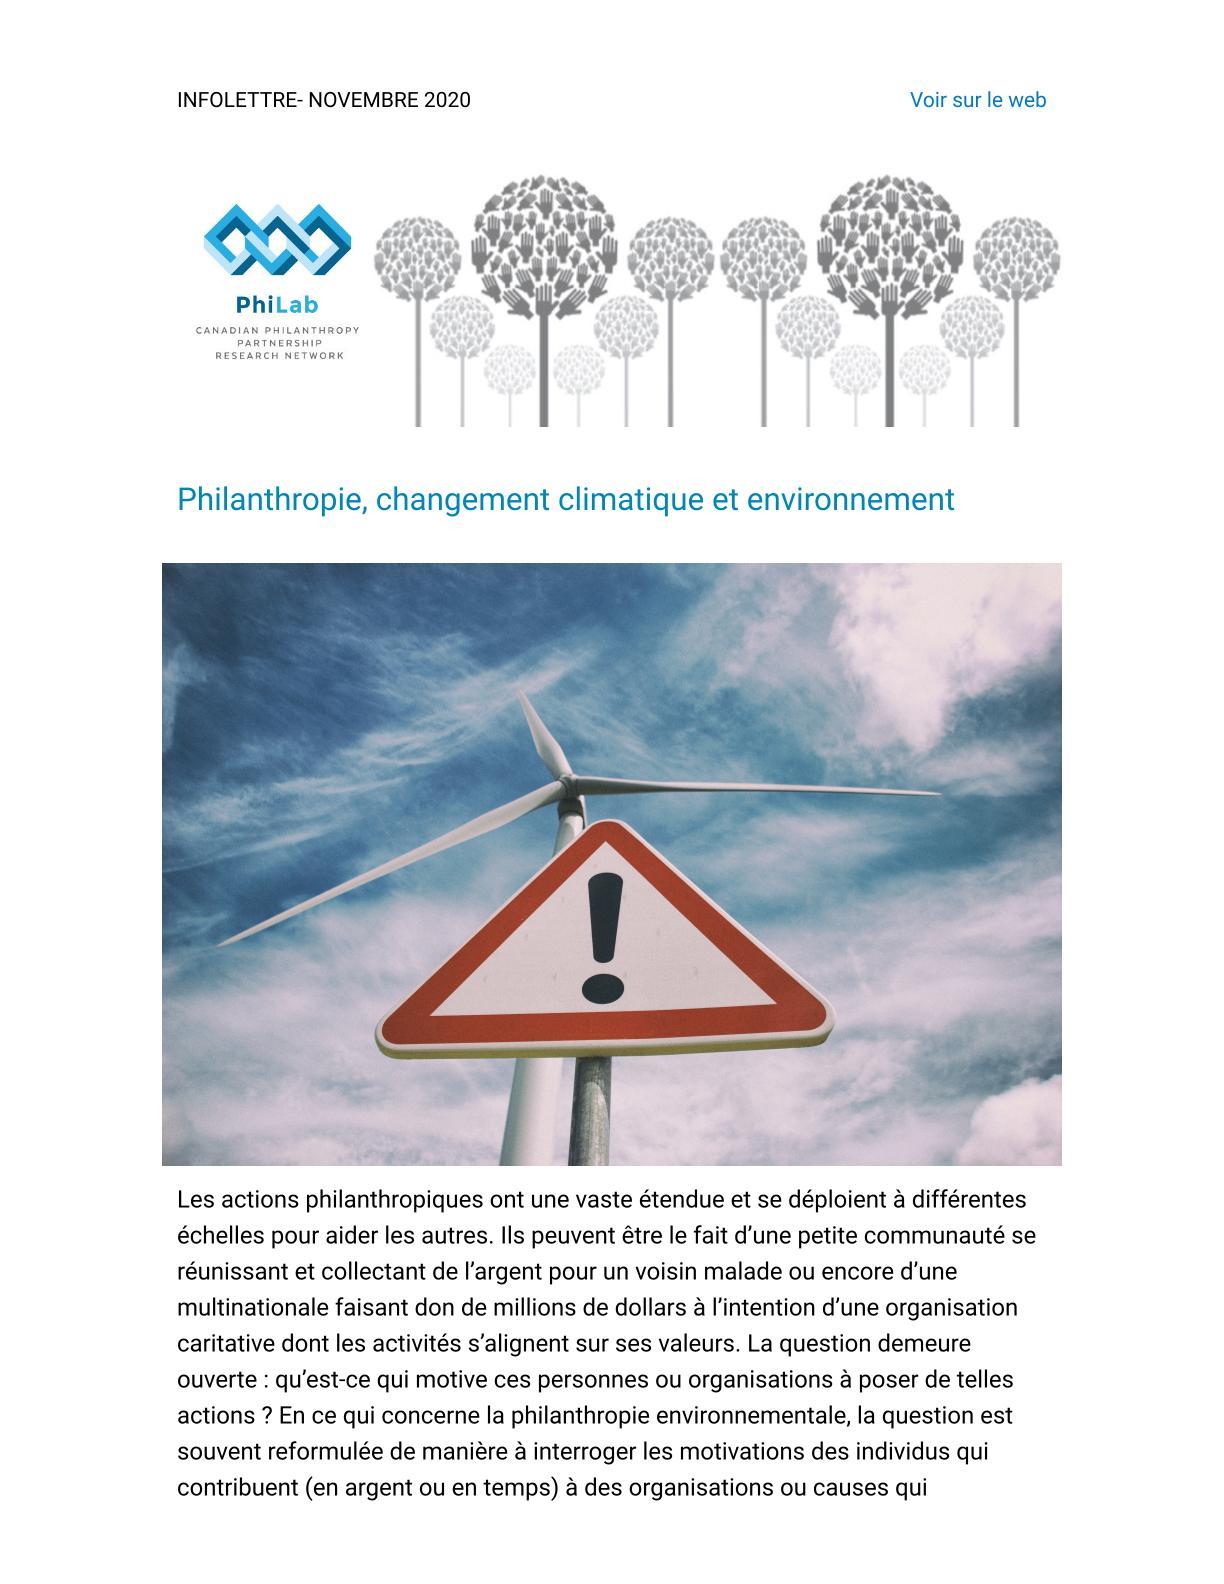 Philanthropie, changement climatique et environnement